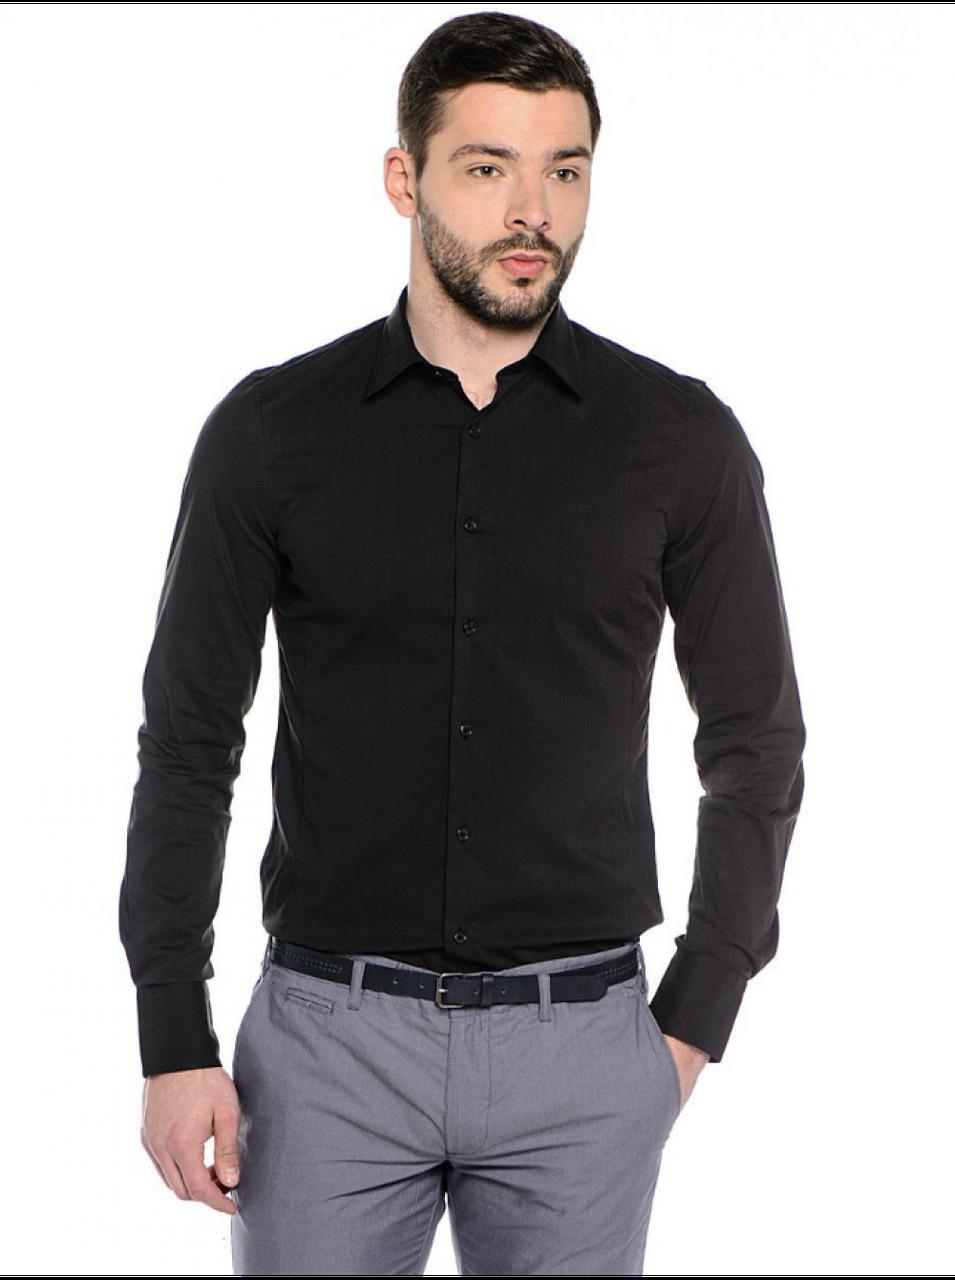 Рубашка мужская черная классическая с длинным рукавом